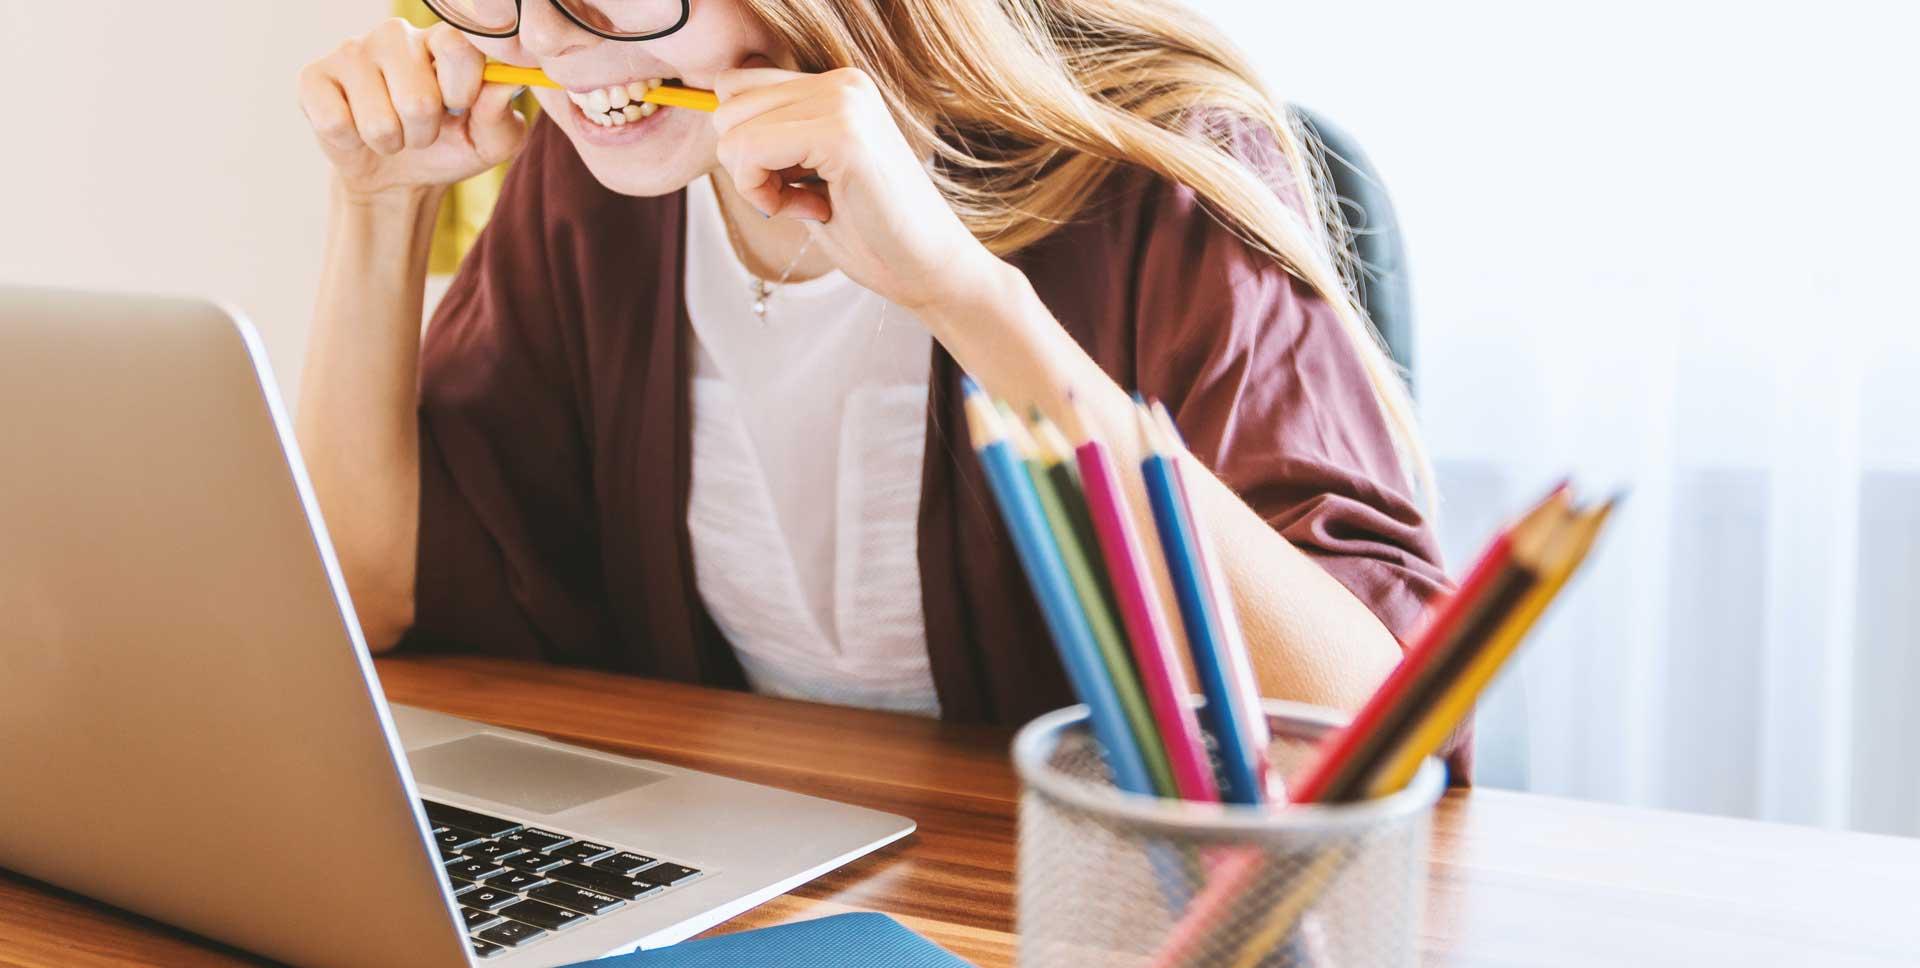 Problemas laborales Estrés laboral, mobbing, relaciones interlaborales, motivación y confianza…